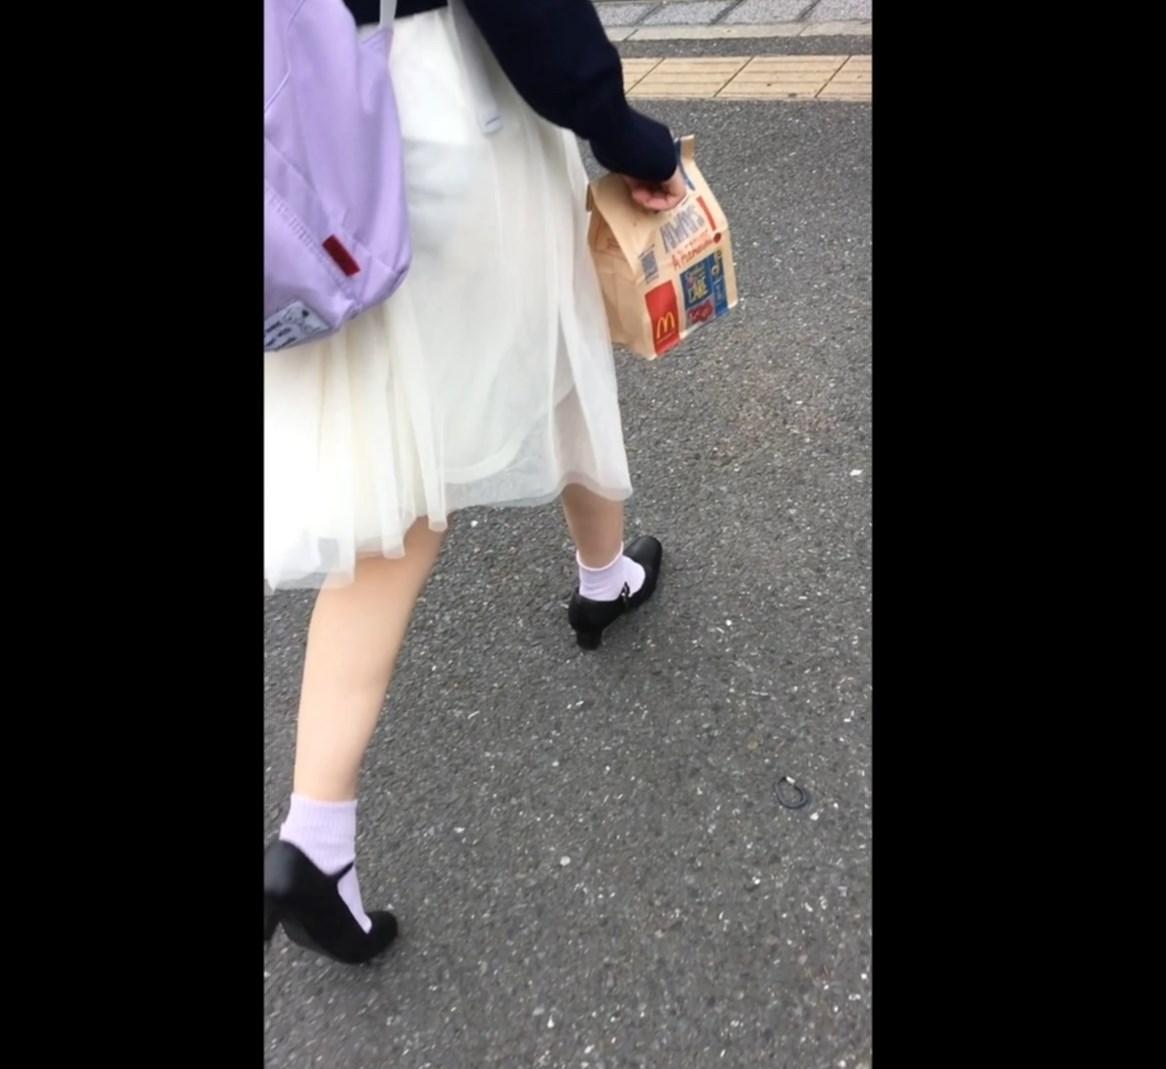 坂系JDちゃん、スカート裏地がずり上ってパンツが透け透け状態に!画像つき詳細レビュー